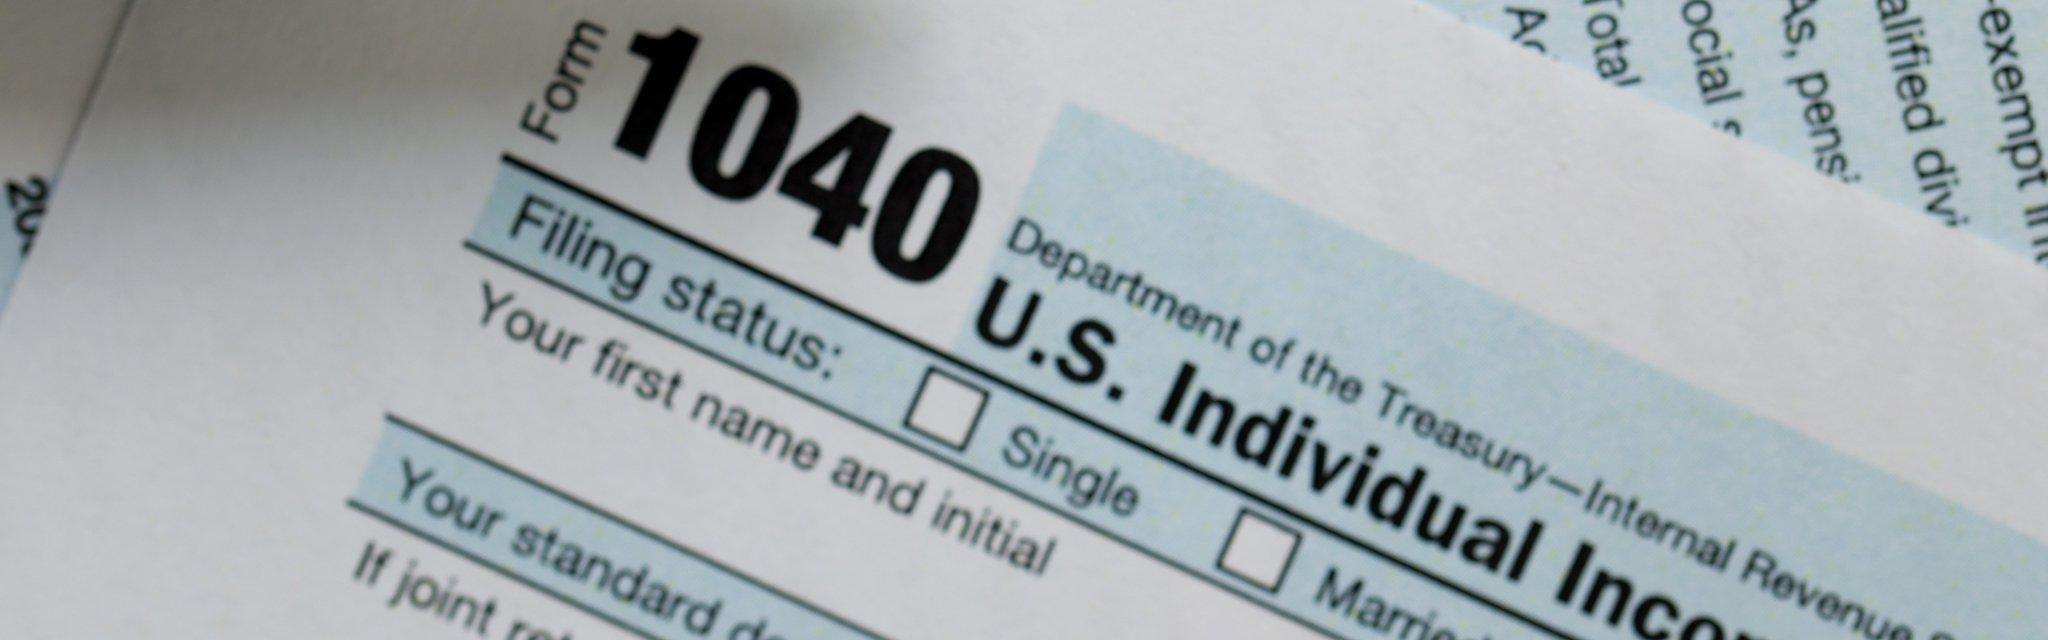 federal income tax return IRS 1040